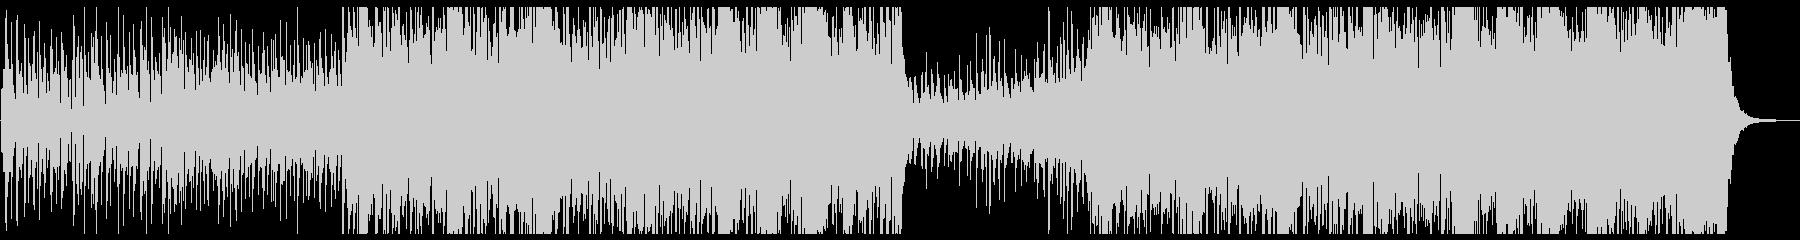 少しジャジー感動ピアノメロ曲の未再生の波形